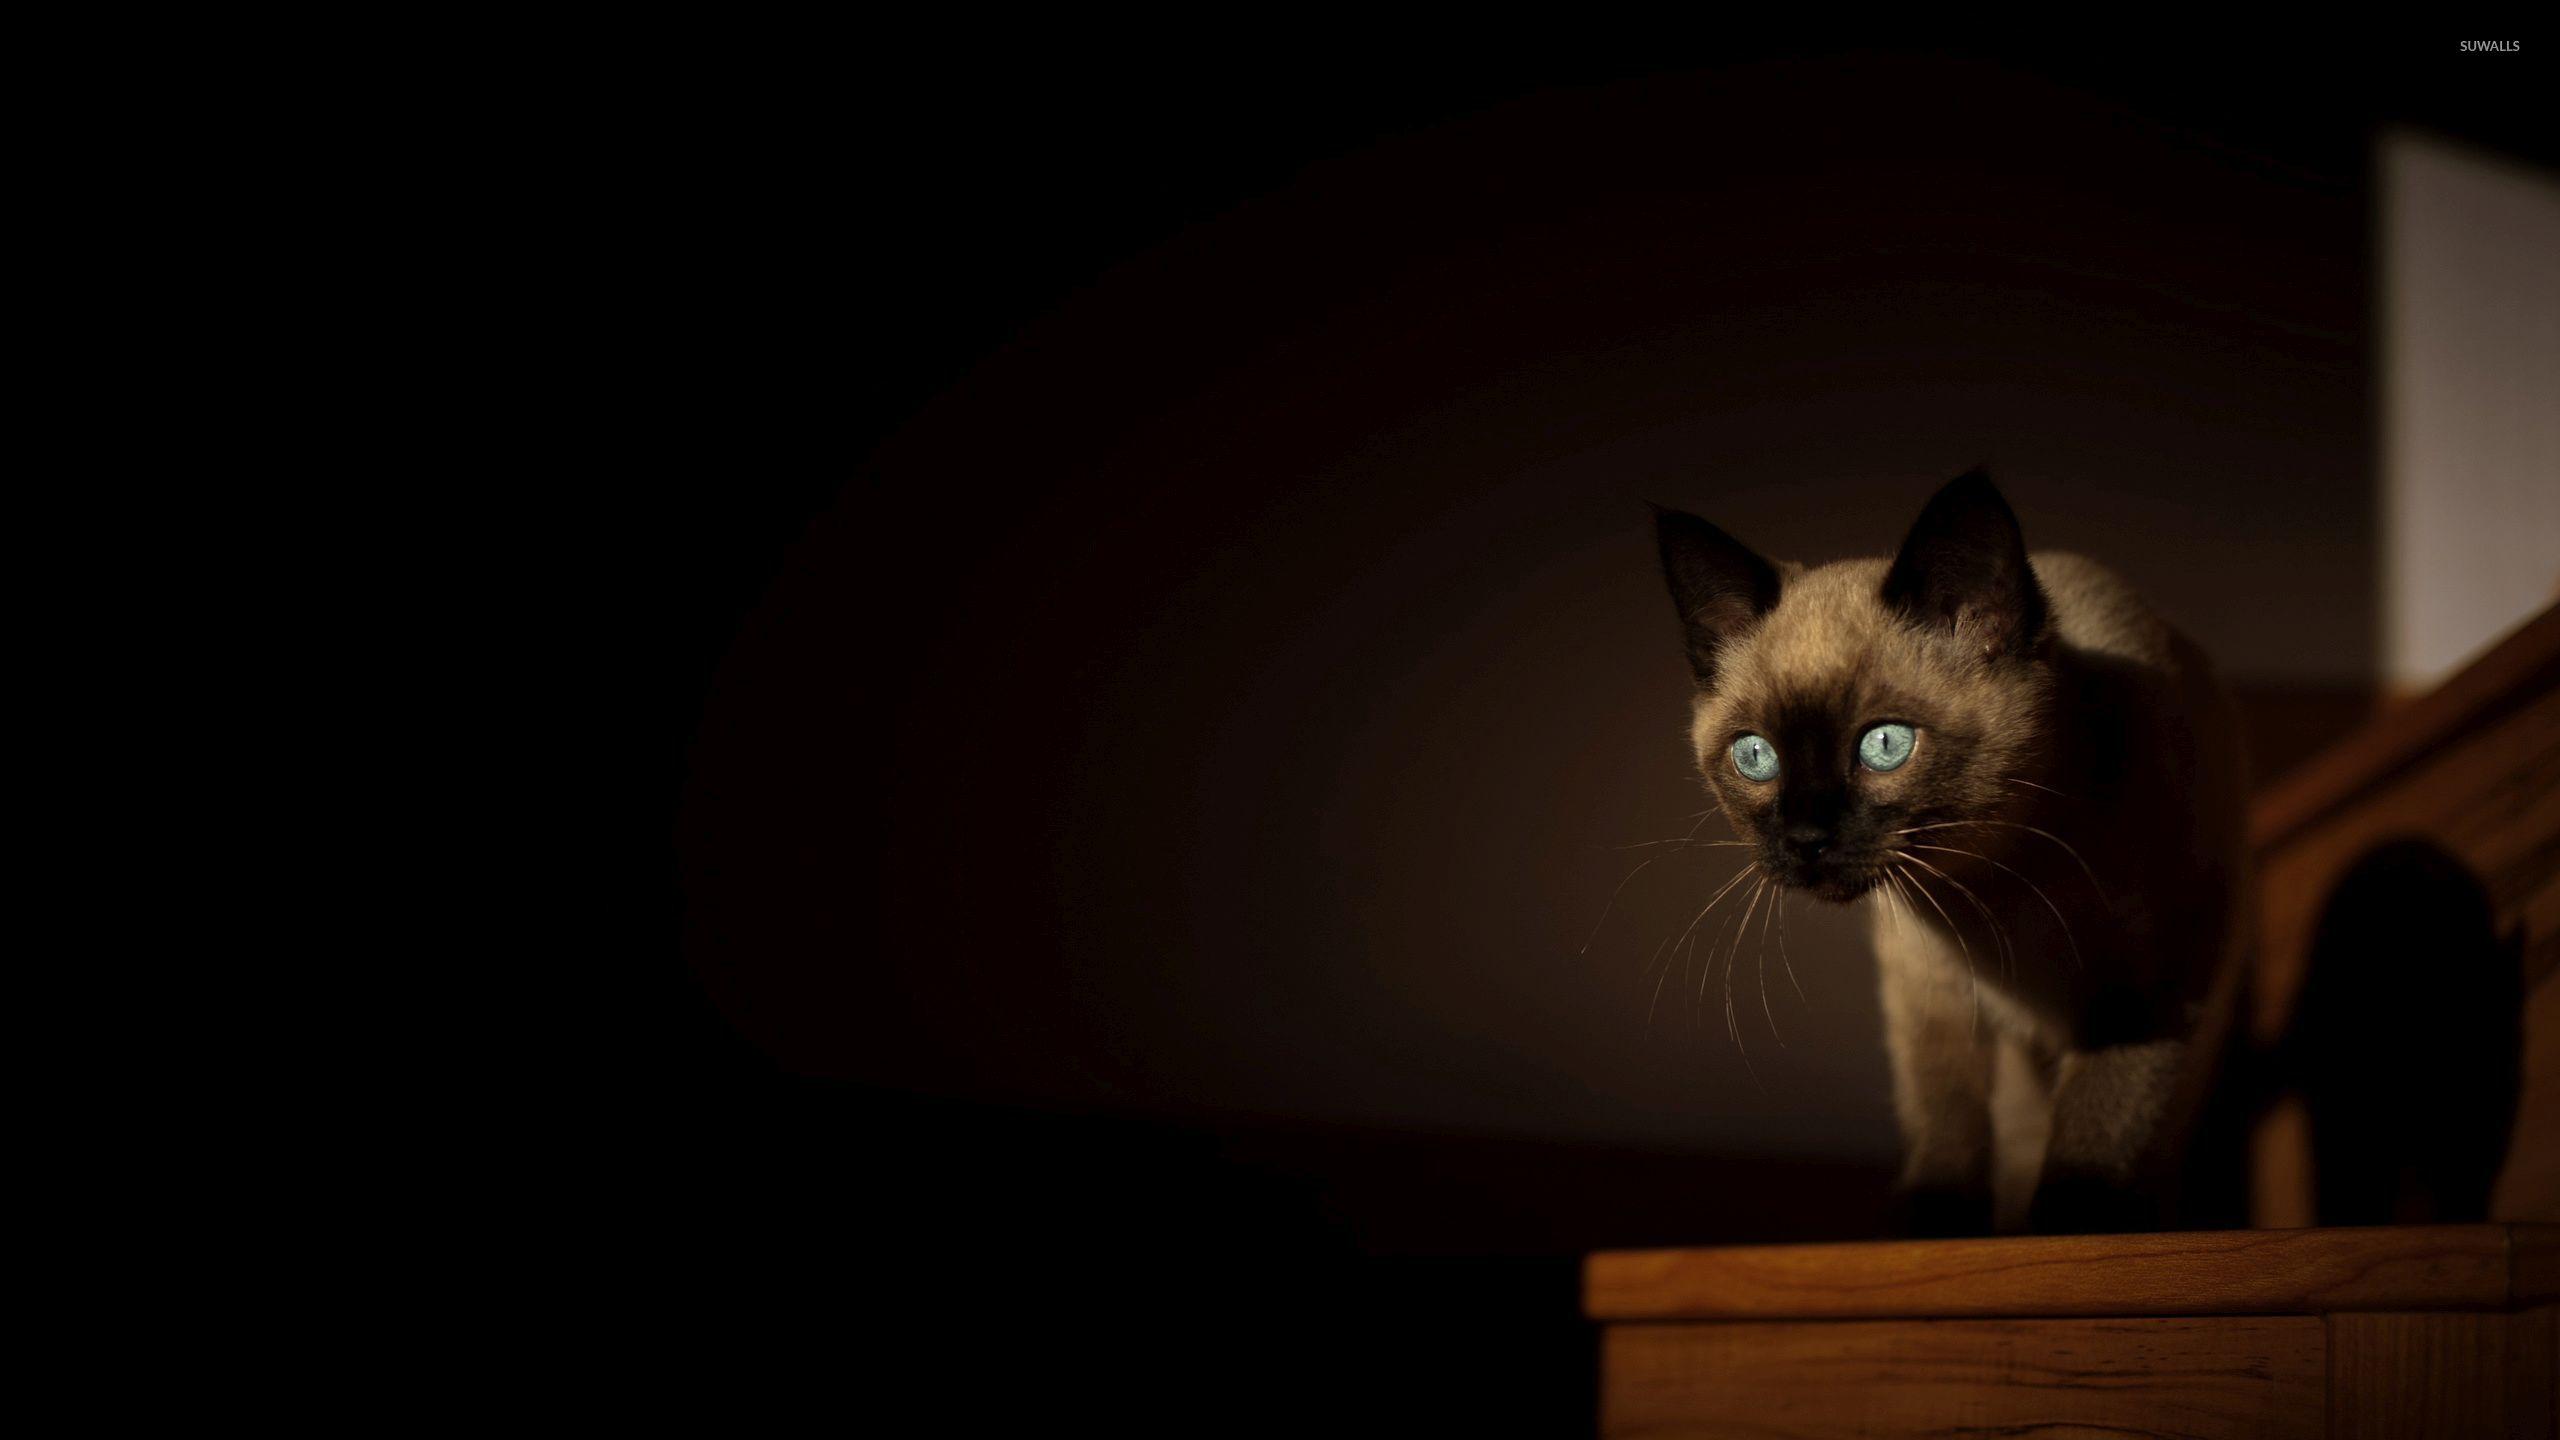 siamese cats wallpaper 3 - photo #15